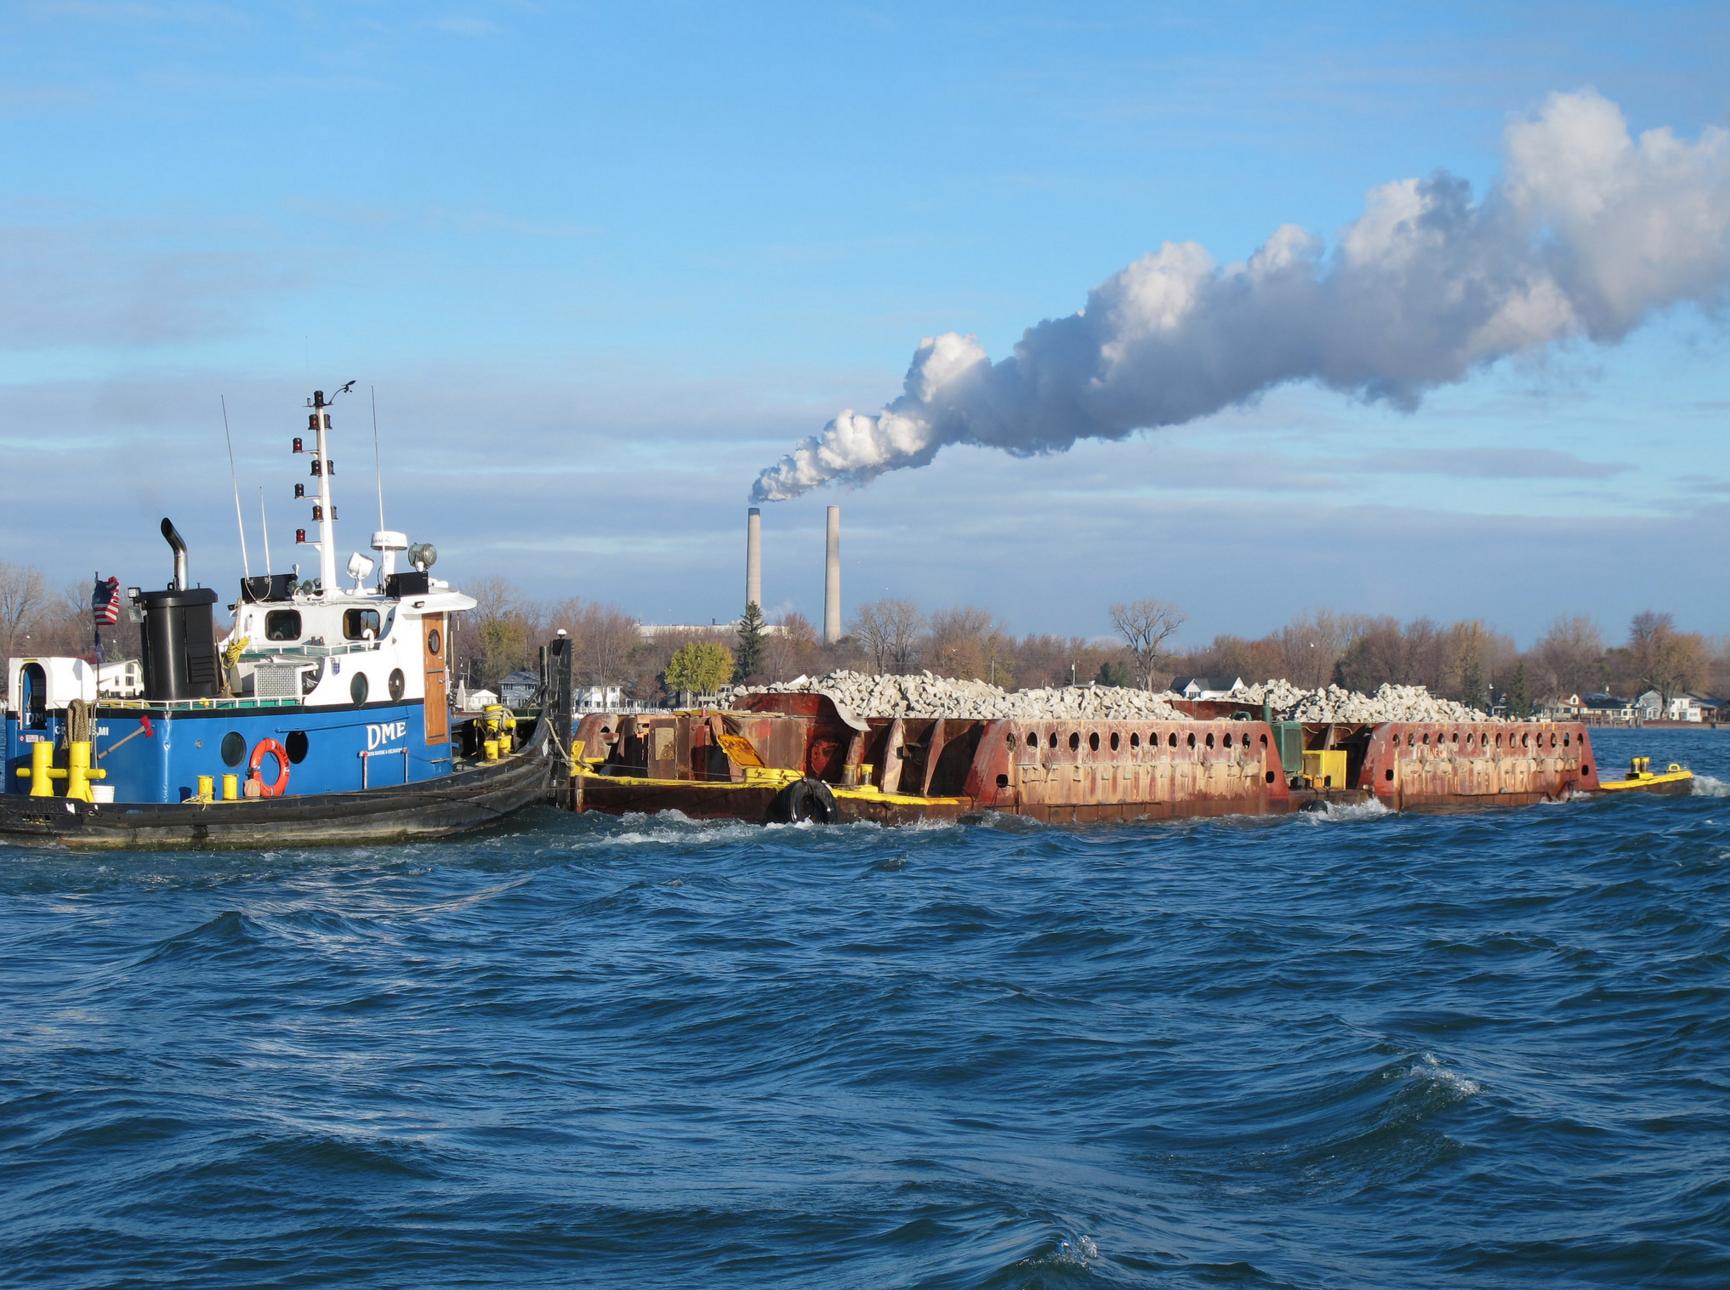 Detroit River Barge Transport